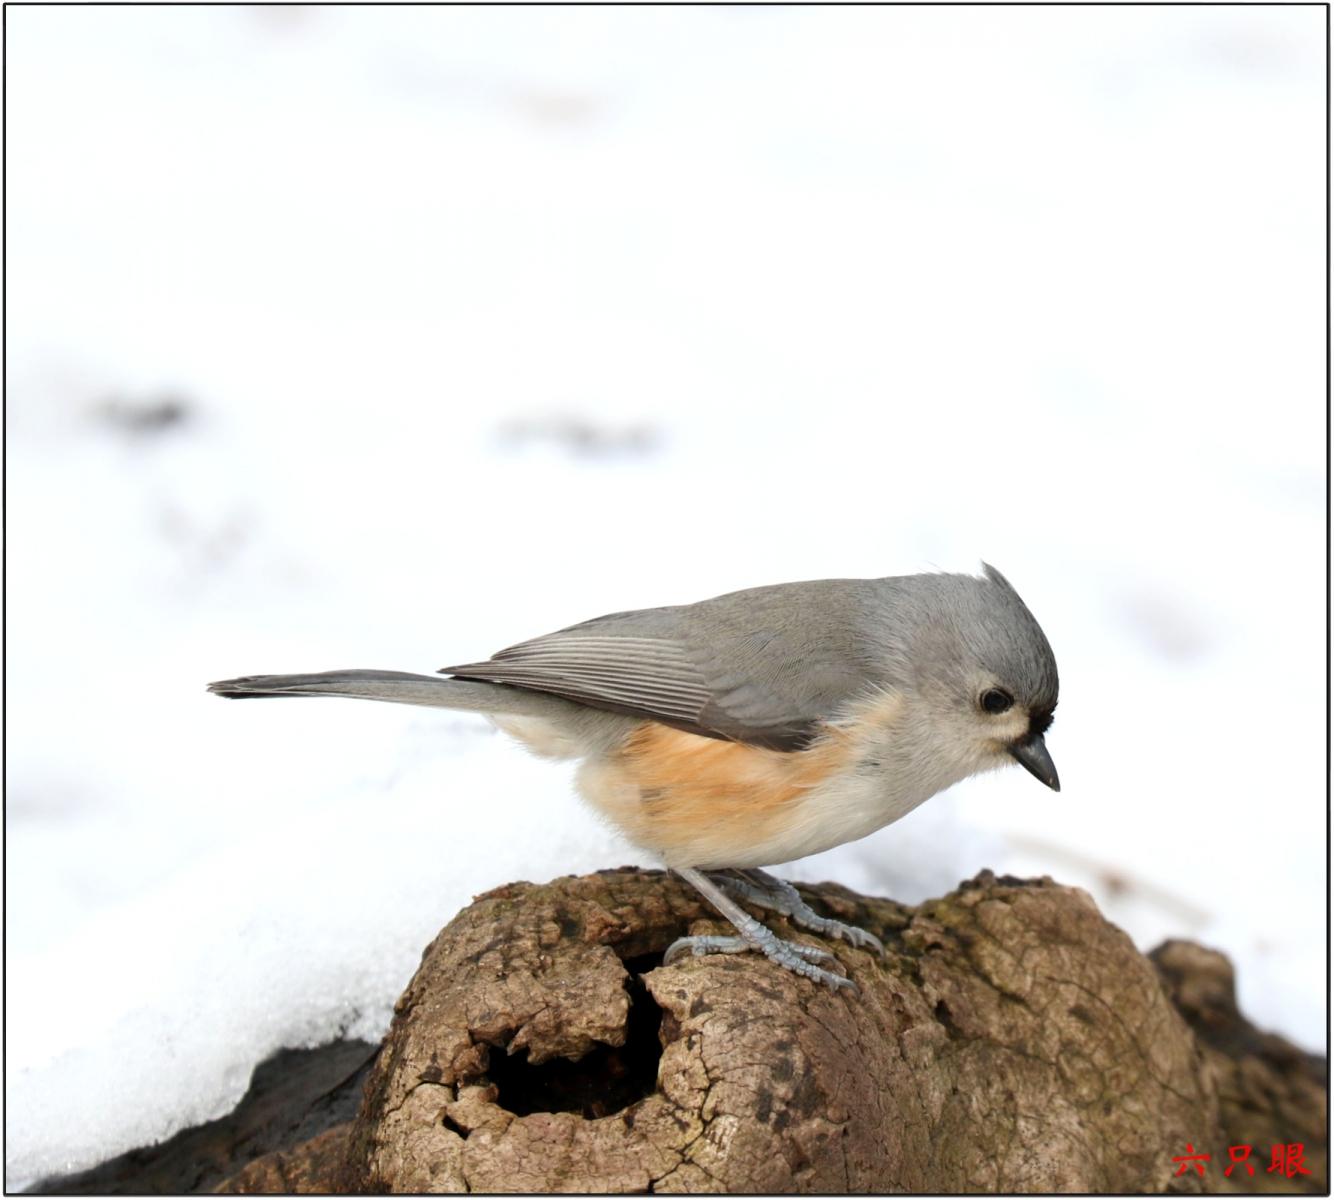 六只眼:雪中小鸟觅食忙_图1-6